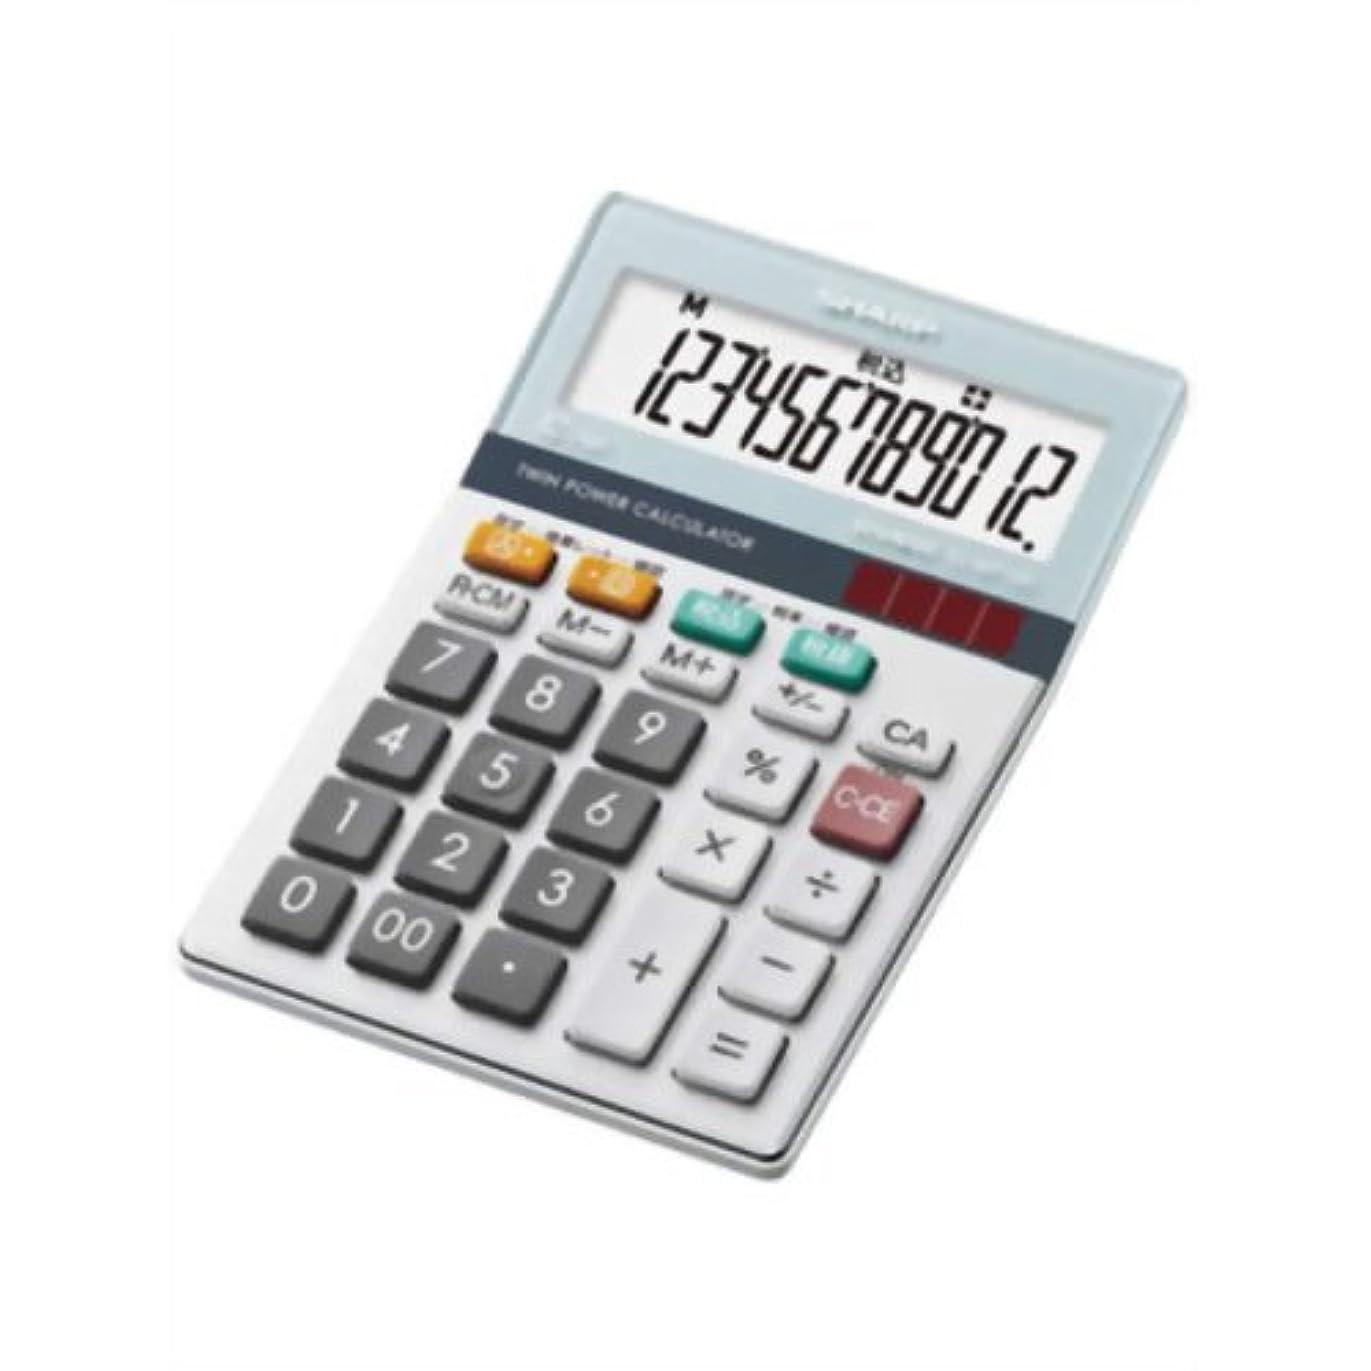 注文クラシカル参照するSHARP 電卓 12桁 ミニナイスサイズ グリーン購入法適用 早打ち/サイレントキー EL-M712K-X